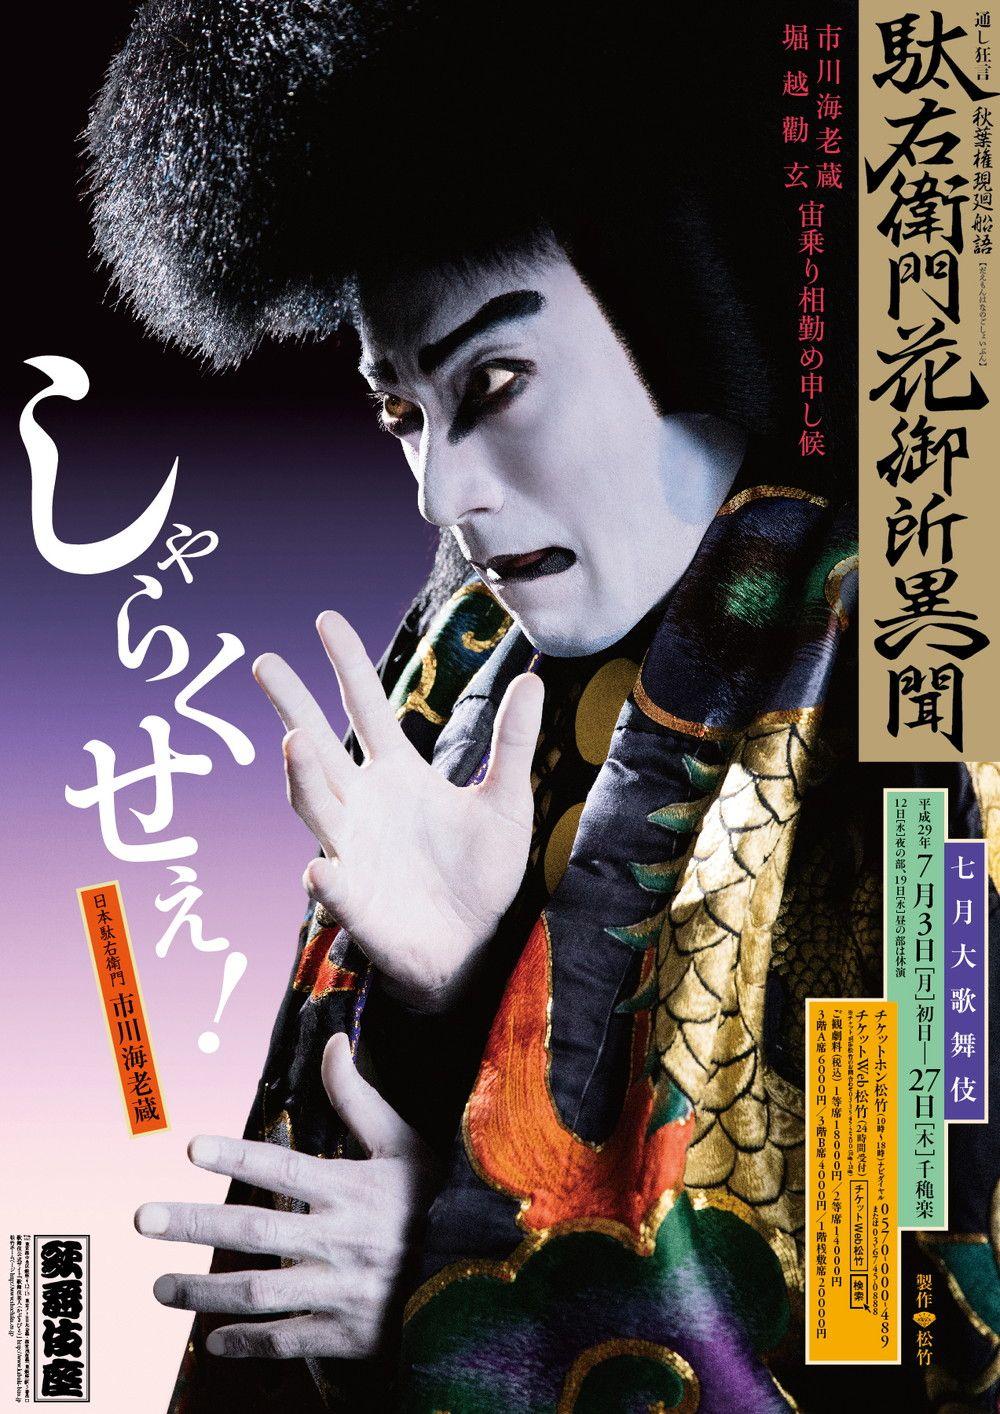 歌舞伎座 海老蔵 チケット